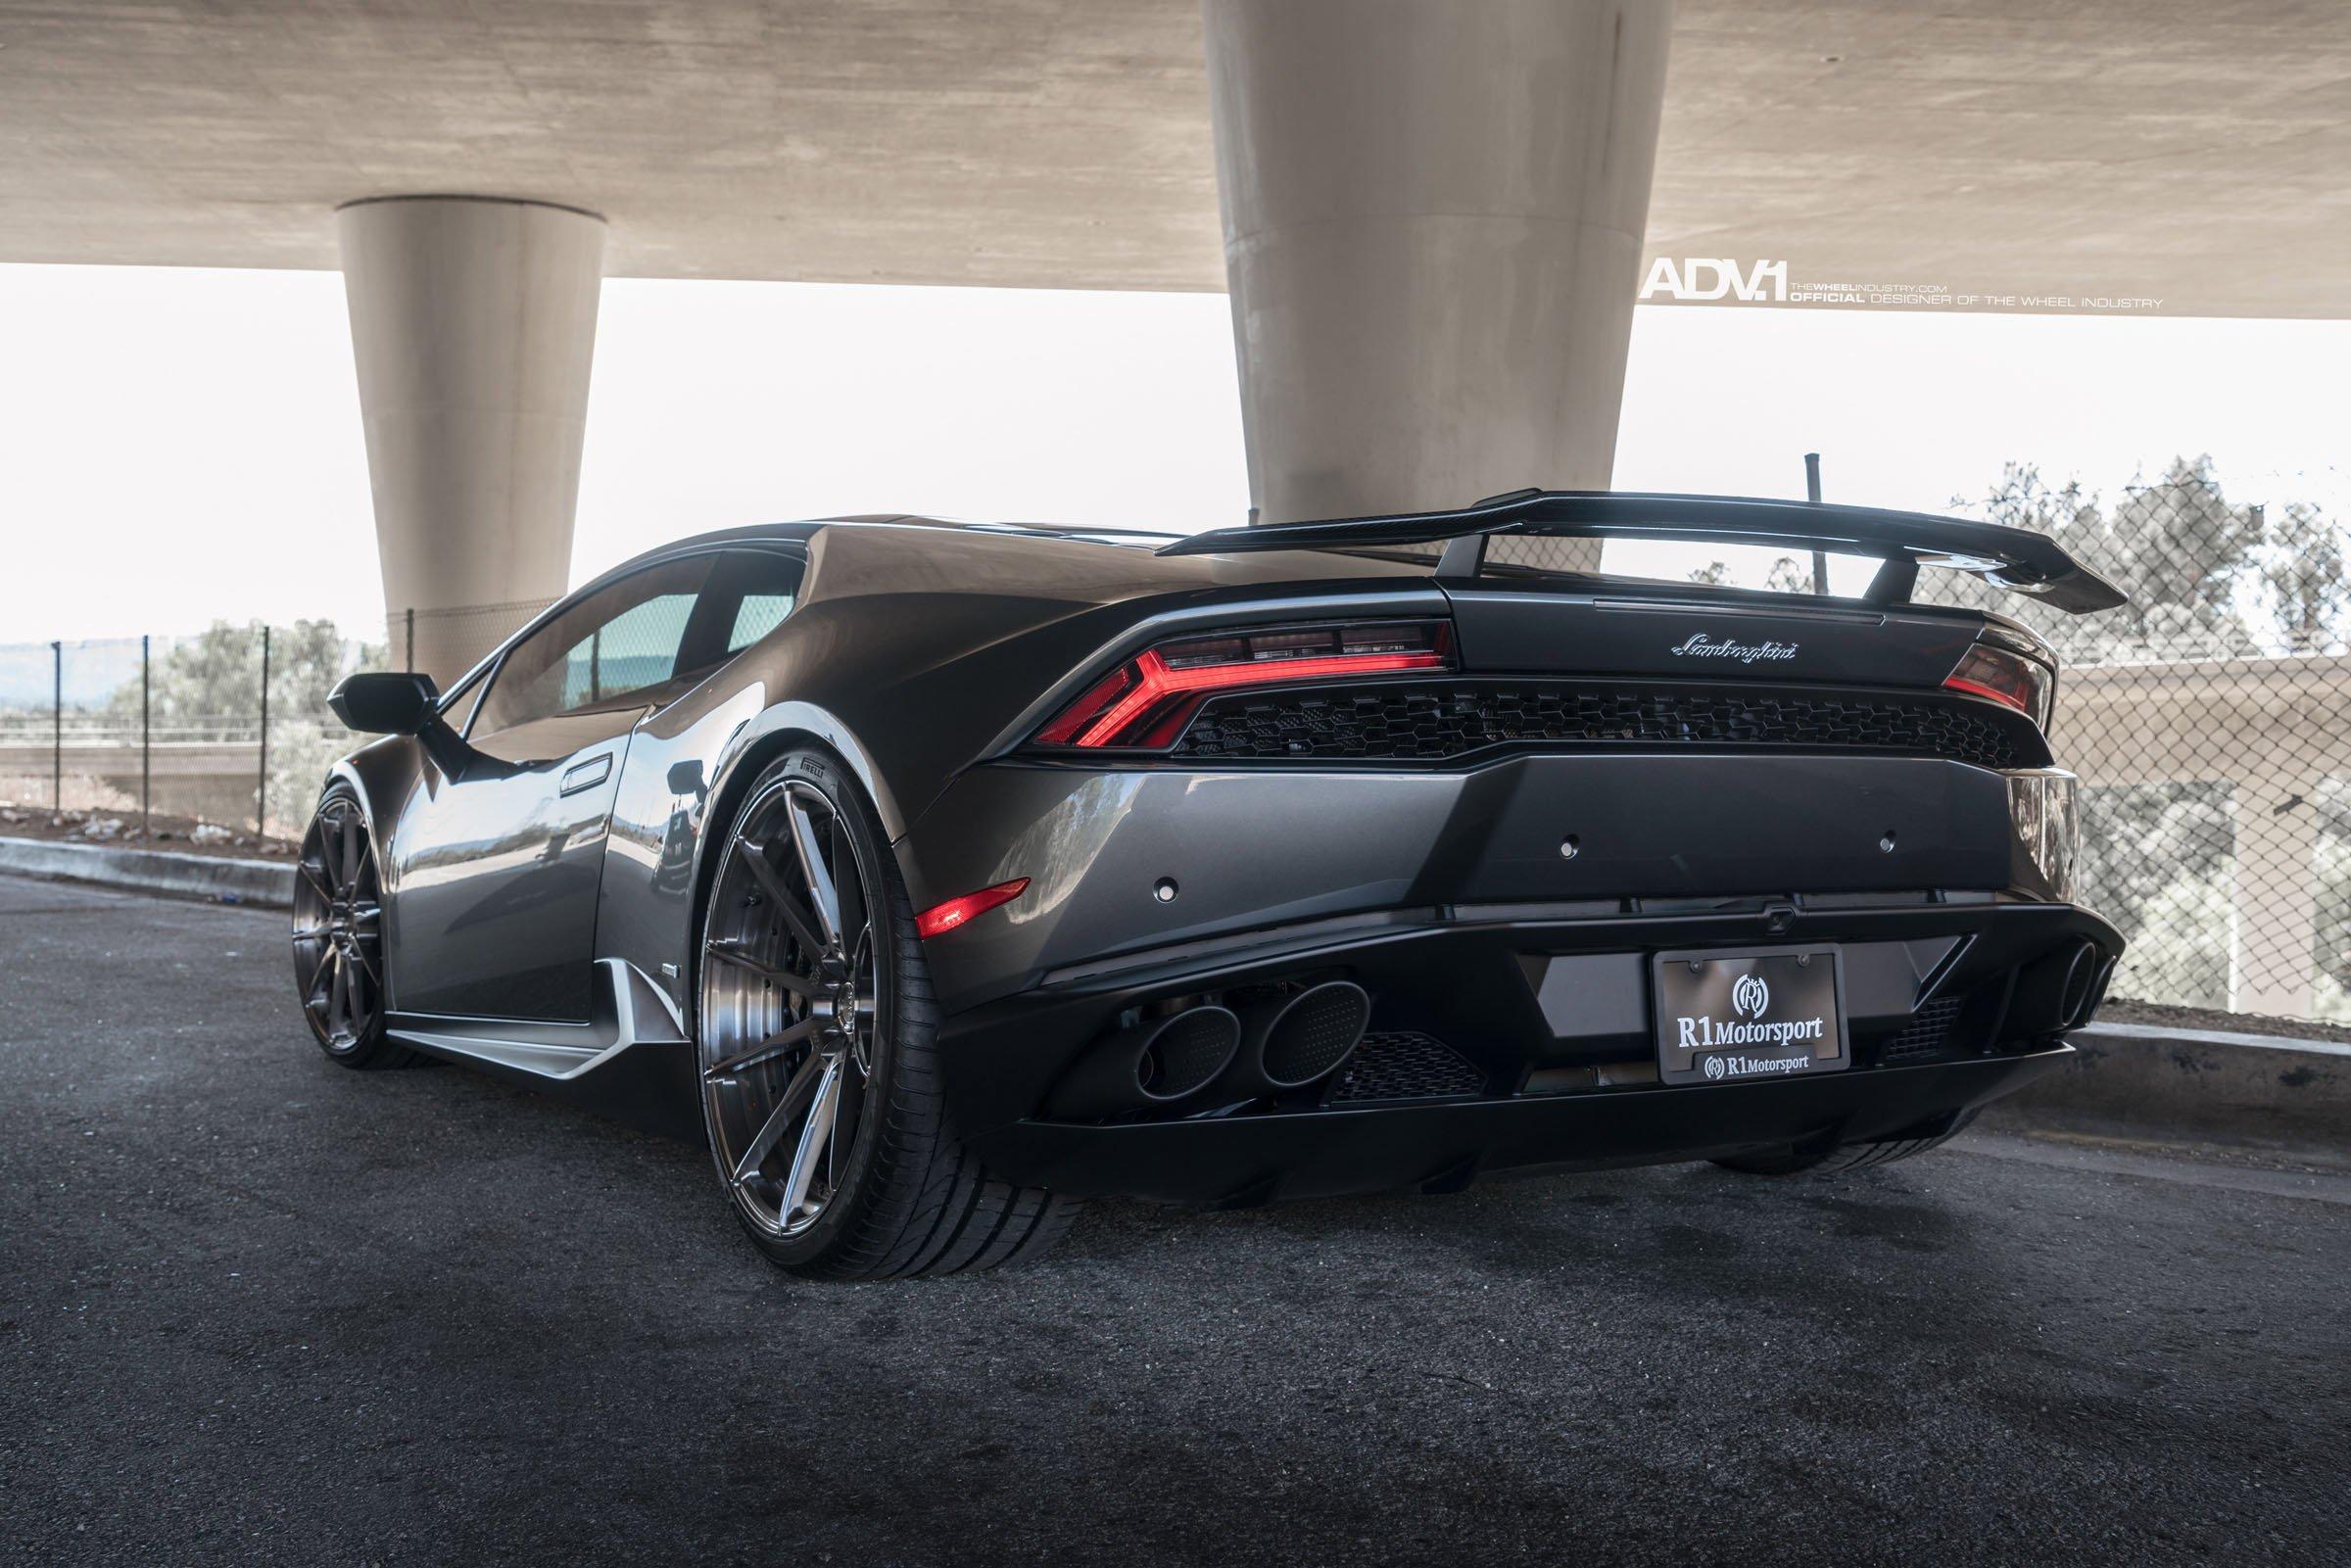 adv1 wheels lamborghini huracan cars grey dark modified wallpaper 2400x1601 835347 wallpaperup - Lamborghini Huracan Grey